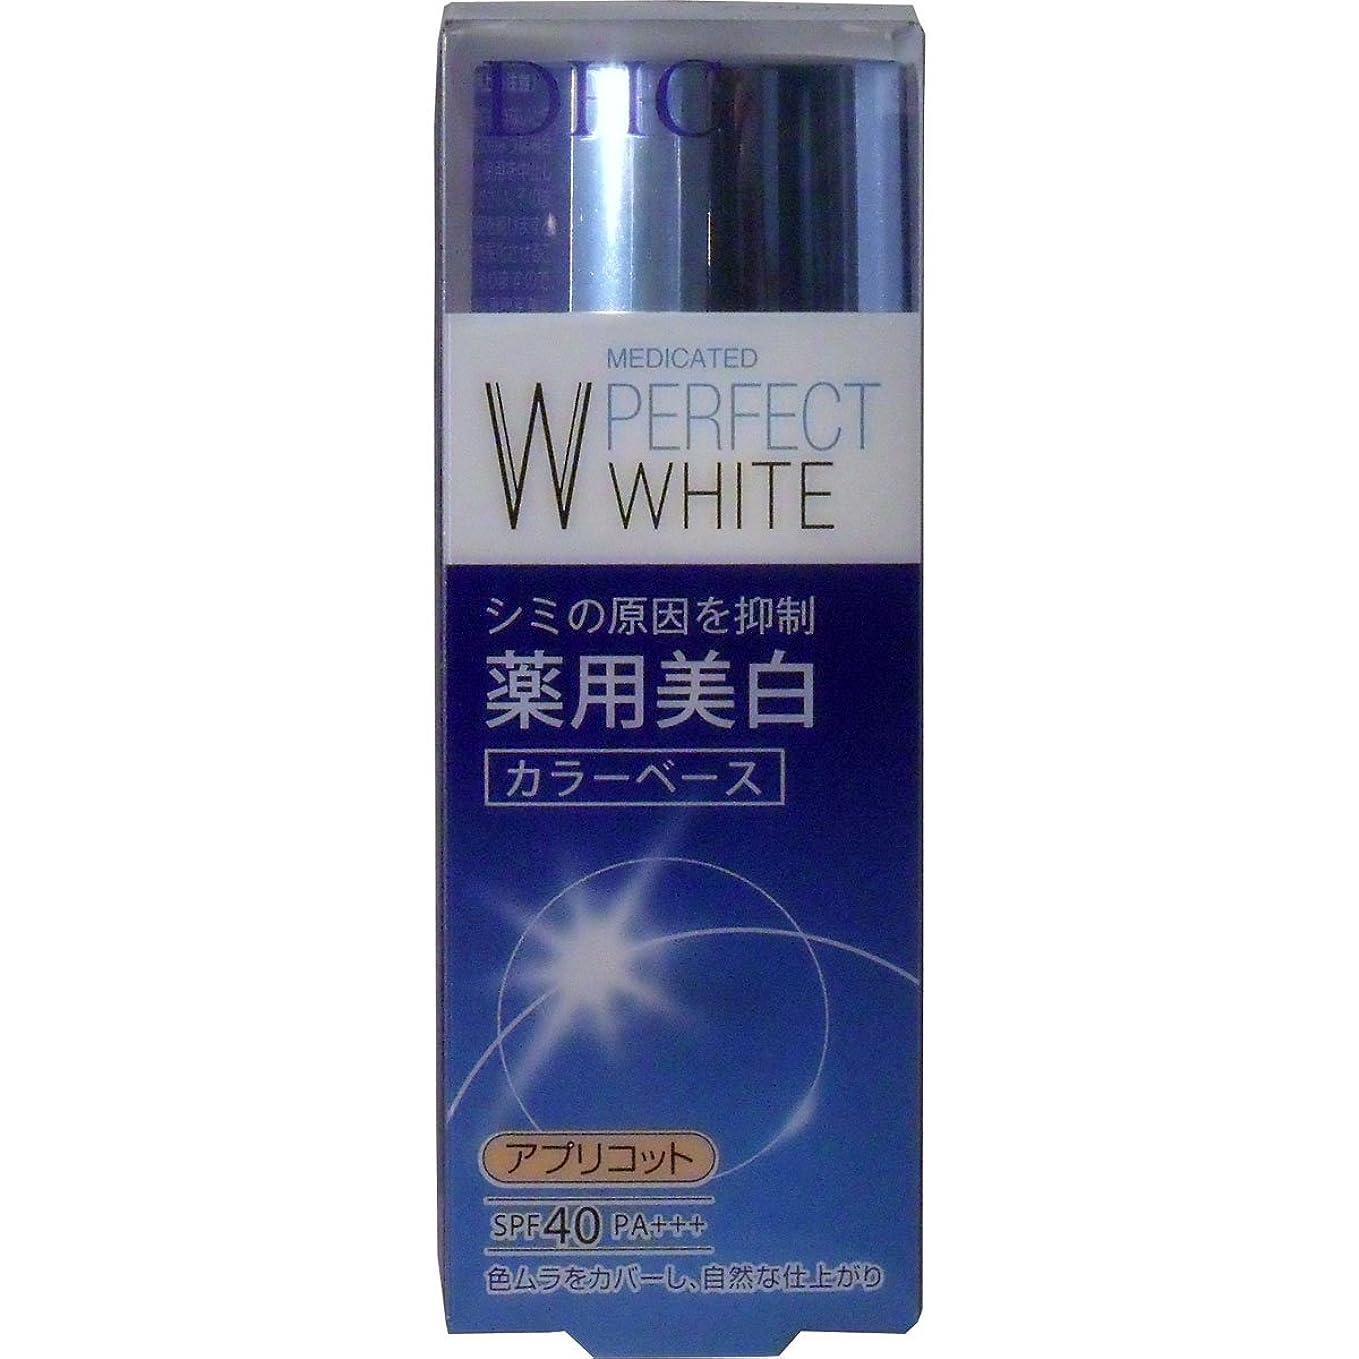 公爵夫人まろやかな高層ビルDHC 薬用美白パーフェクトホワイト カラーベース アプリコット 30g (商品内訳:単品1個)